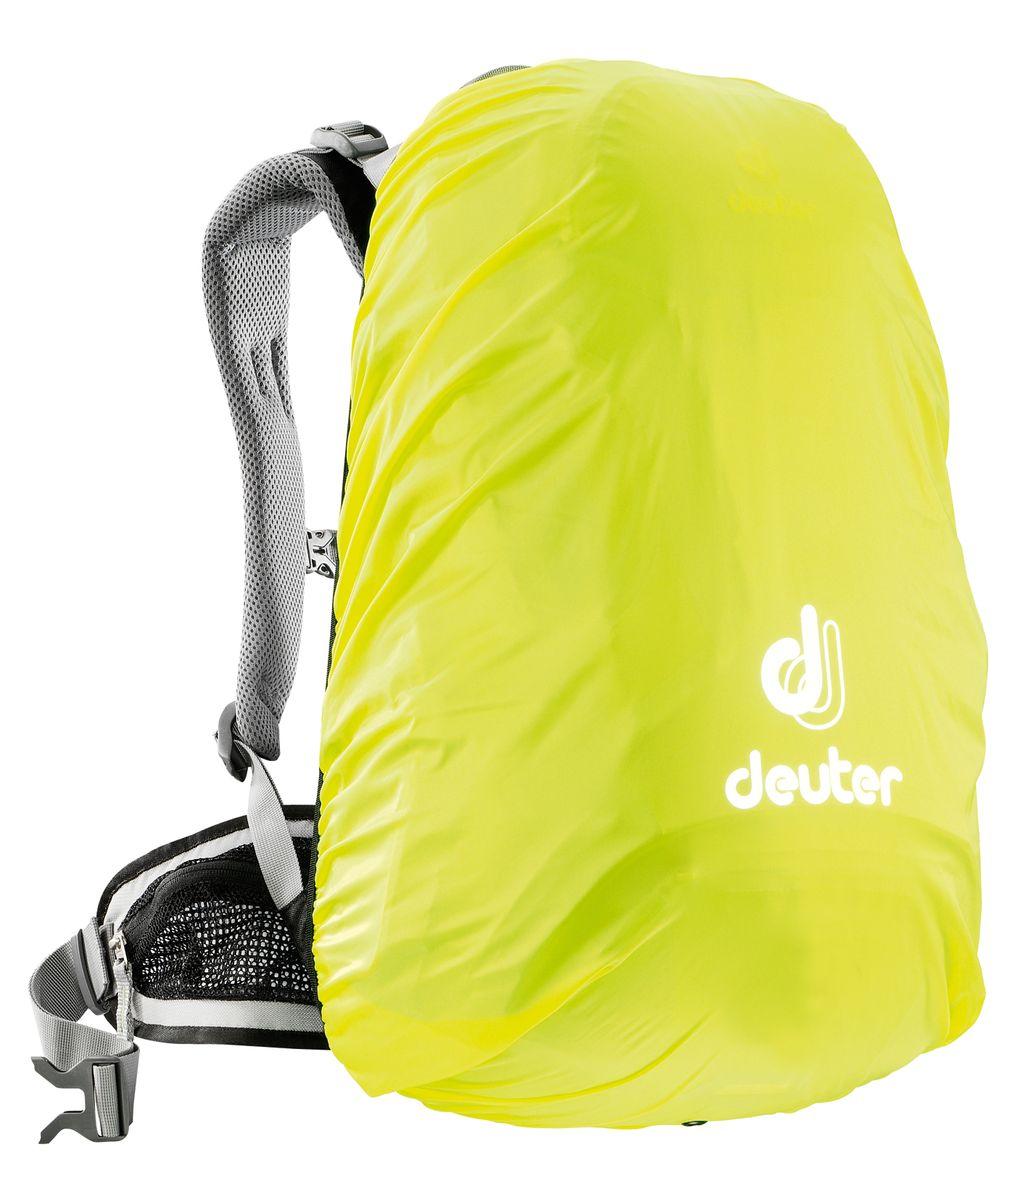 Чехол от дождя Deuter Raincover I, цвет: желтый, 20-35 л39520_8008Чехлы от дождя ярких неоновых цветов гарантируют, что ваш рюкзак и его содержимое останется сухим даже после проливного дождя. Отличная влагозащита благодаря полиуретановому покрытию и швам, проклеенным лентой. Подходит для рюкзаков объемом 20-35л. Вес: 85г.